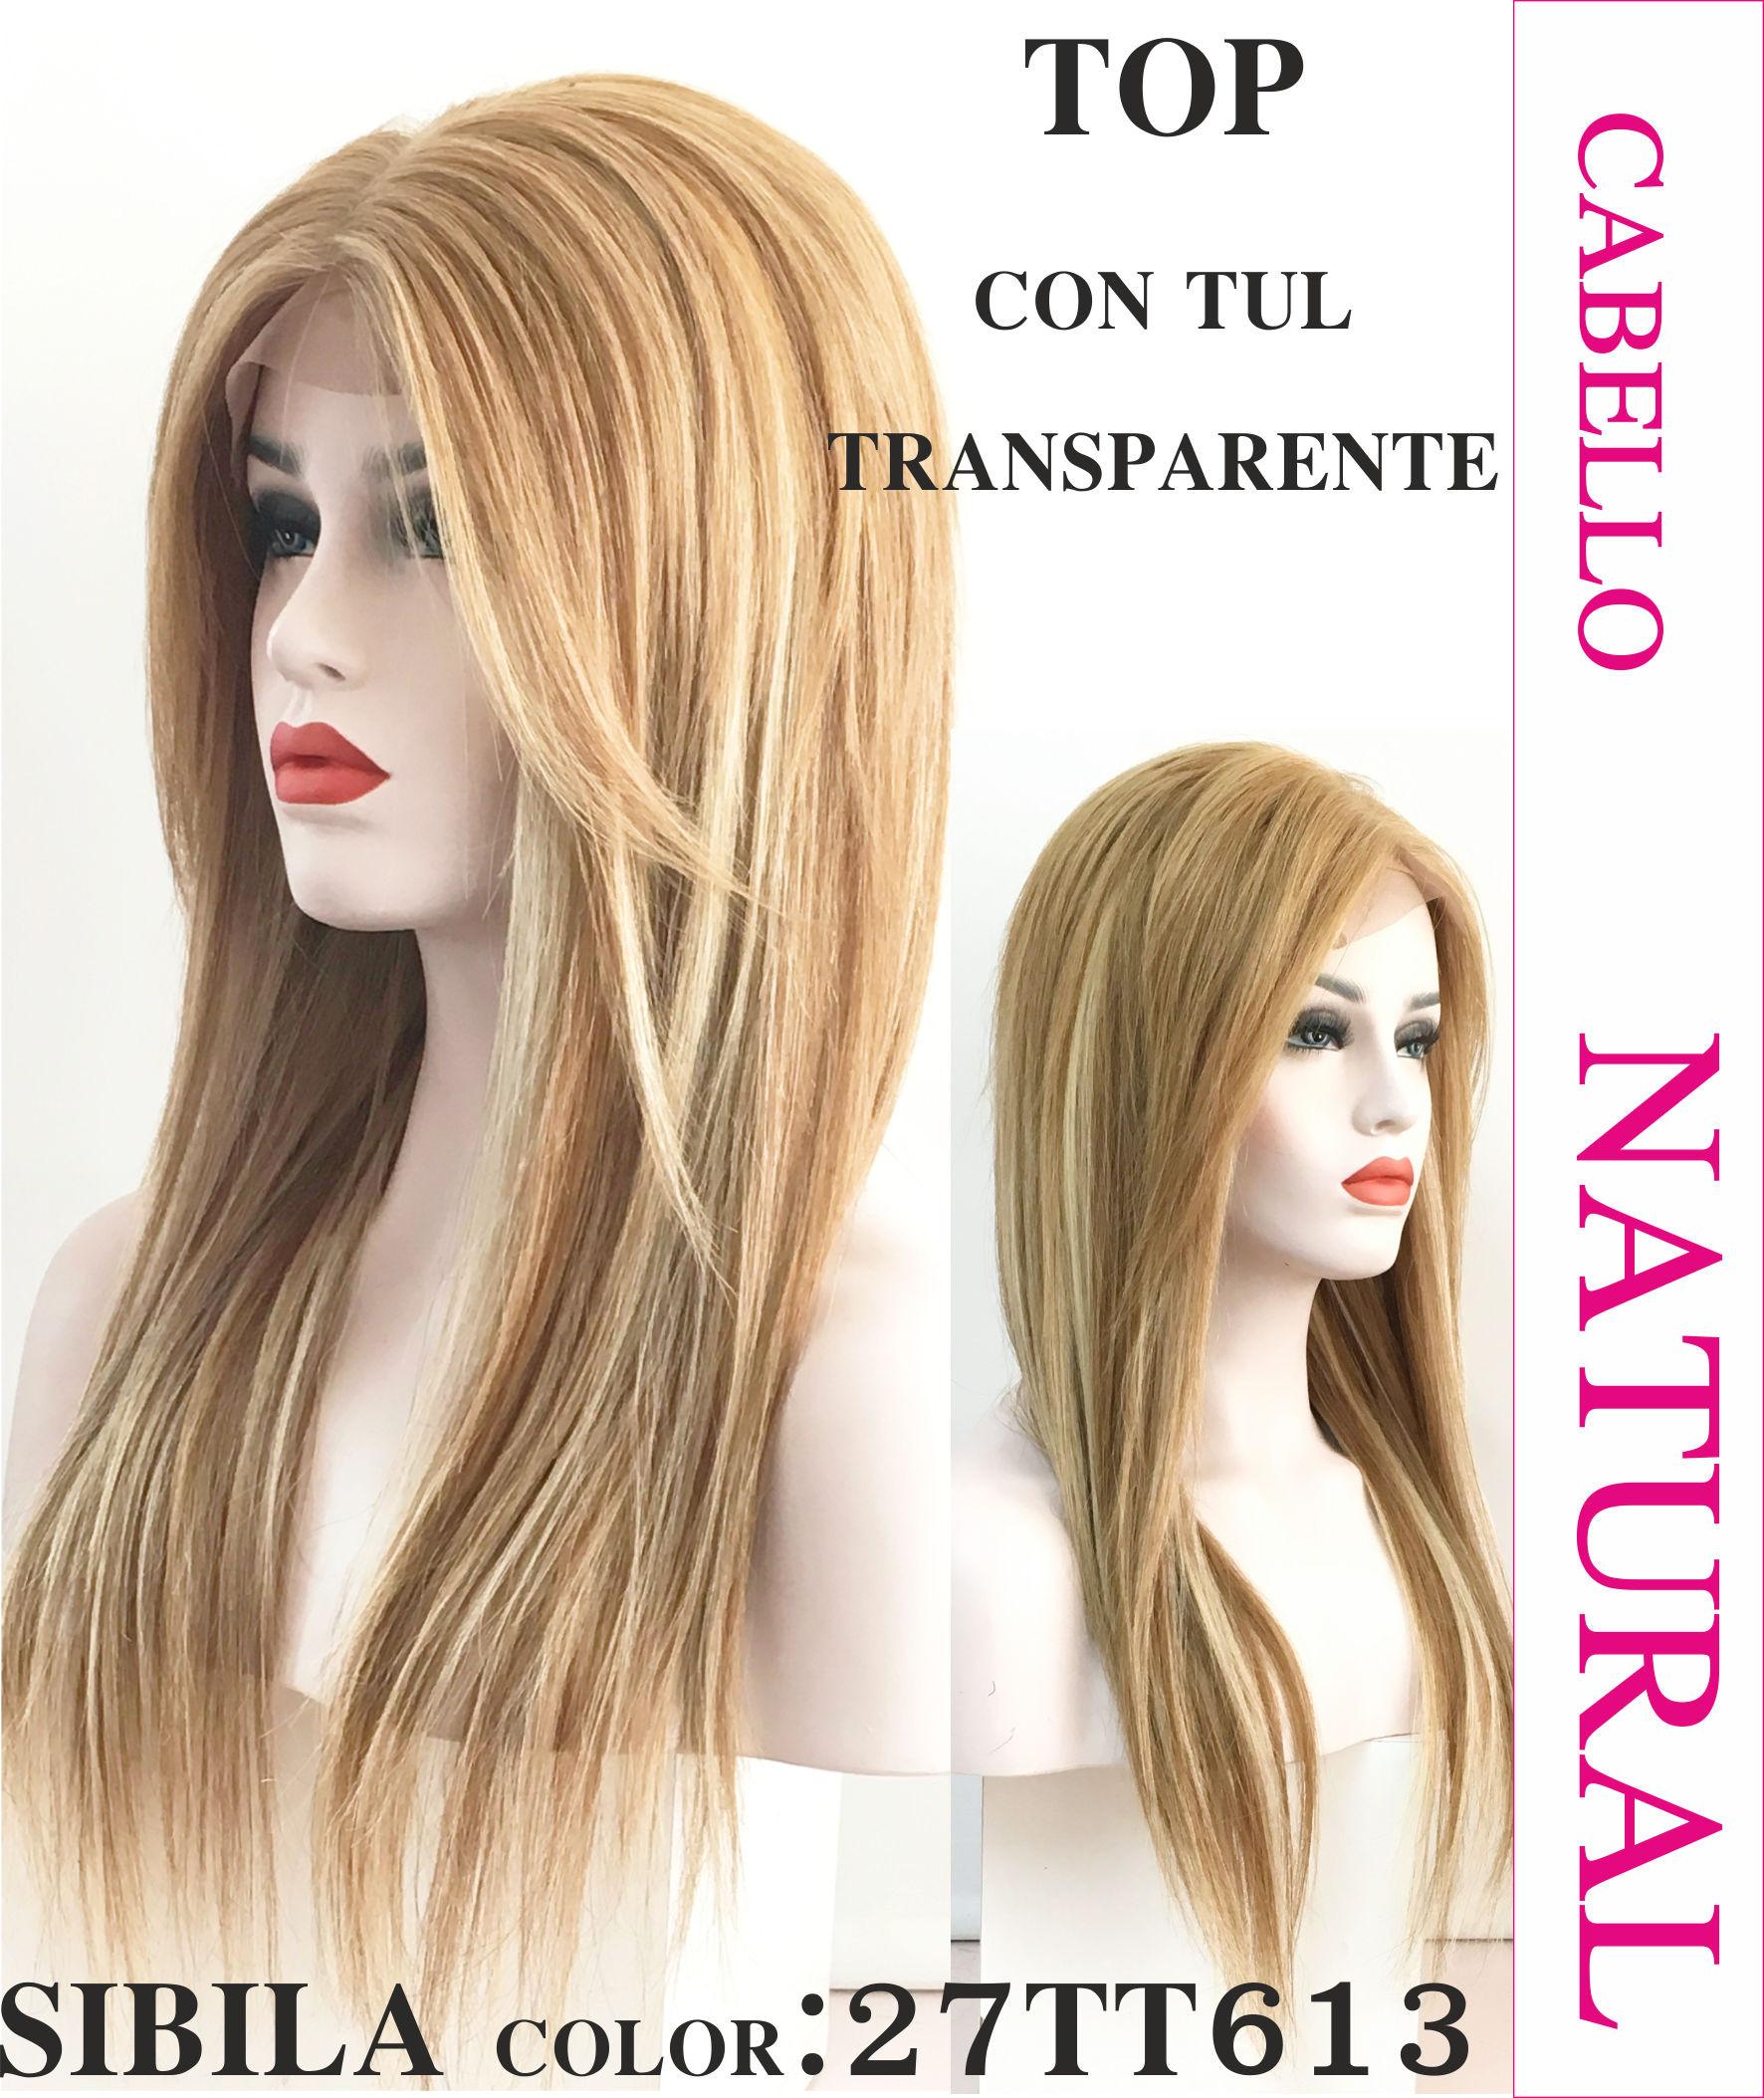 Peluca de cabello humano color castaño claro. modelo Sibila es un modelo de  cabello 100 8276ed68b387